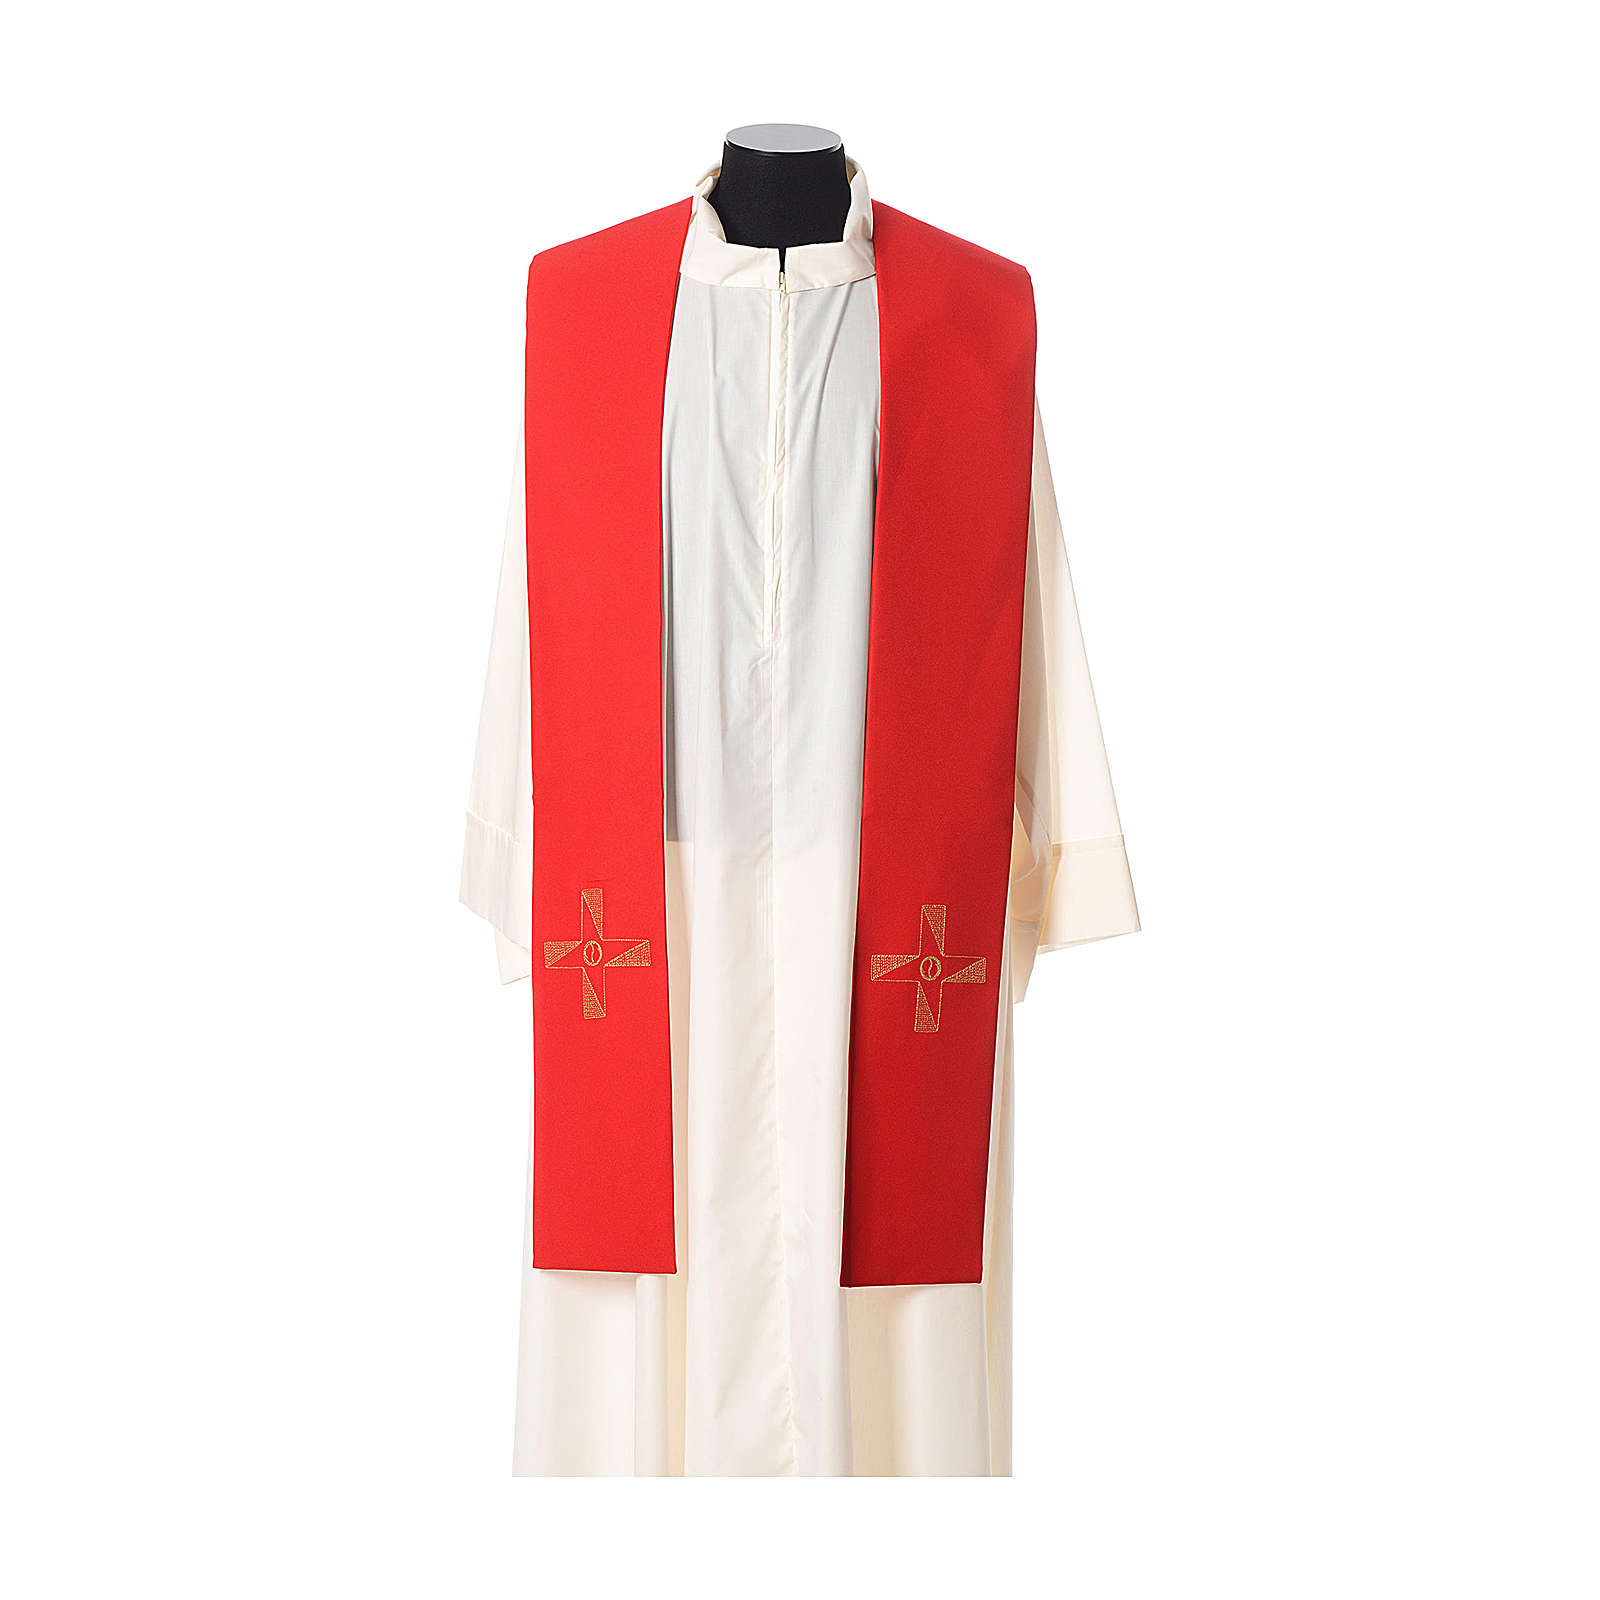 Étole tissu polyester croix avec broderie en forme d'hélice 4